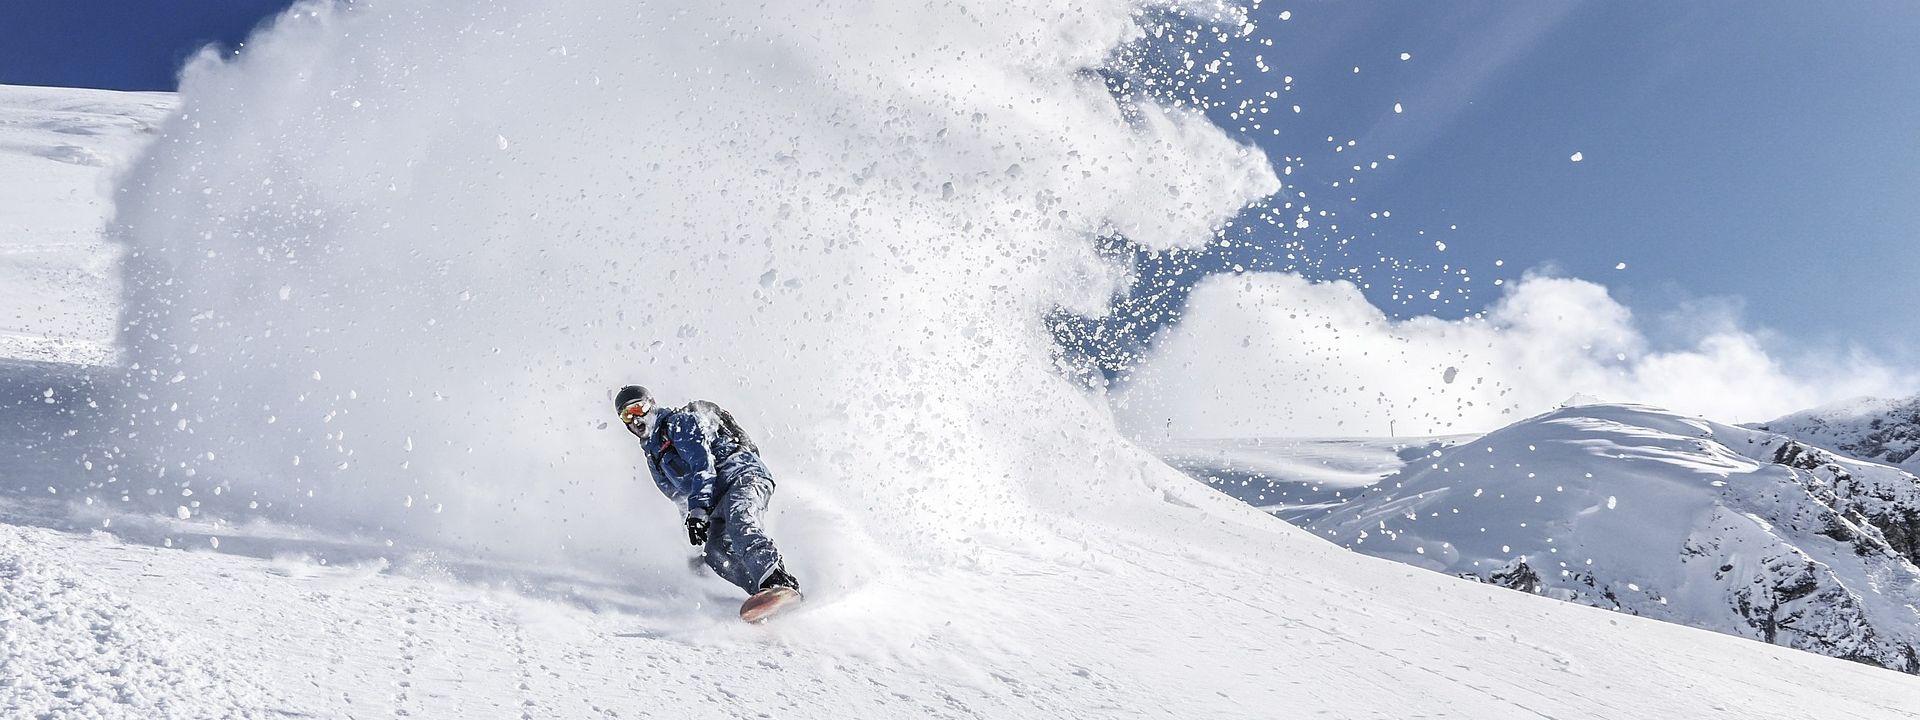 Tavola da snowboard